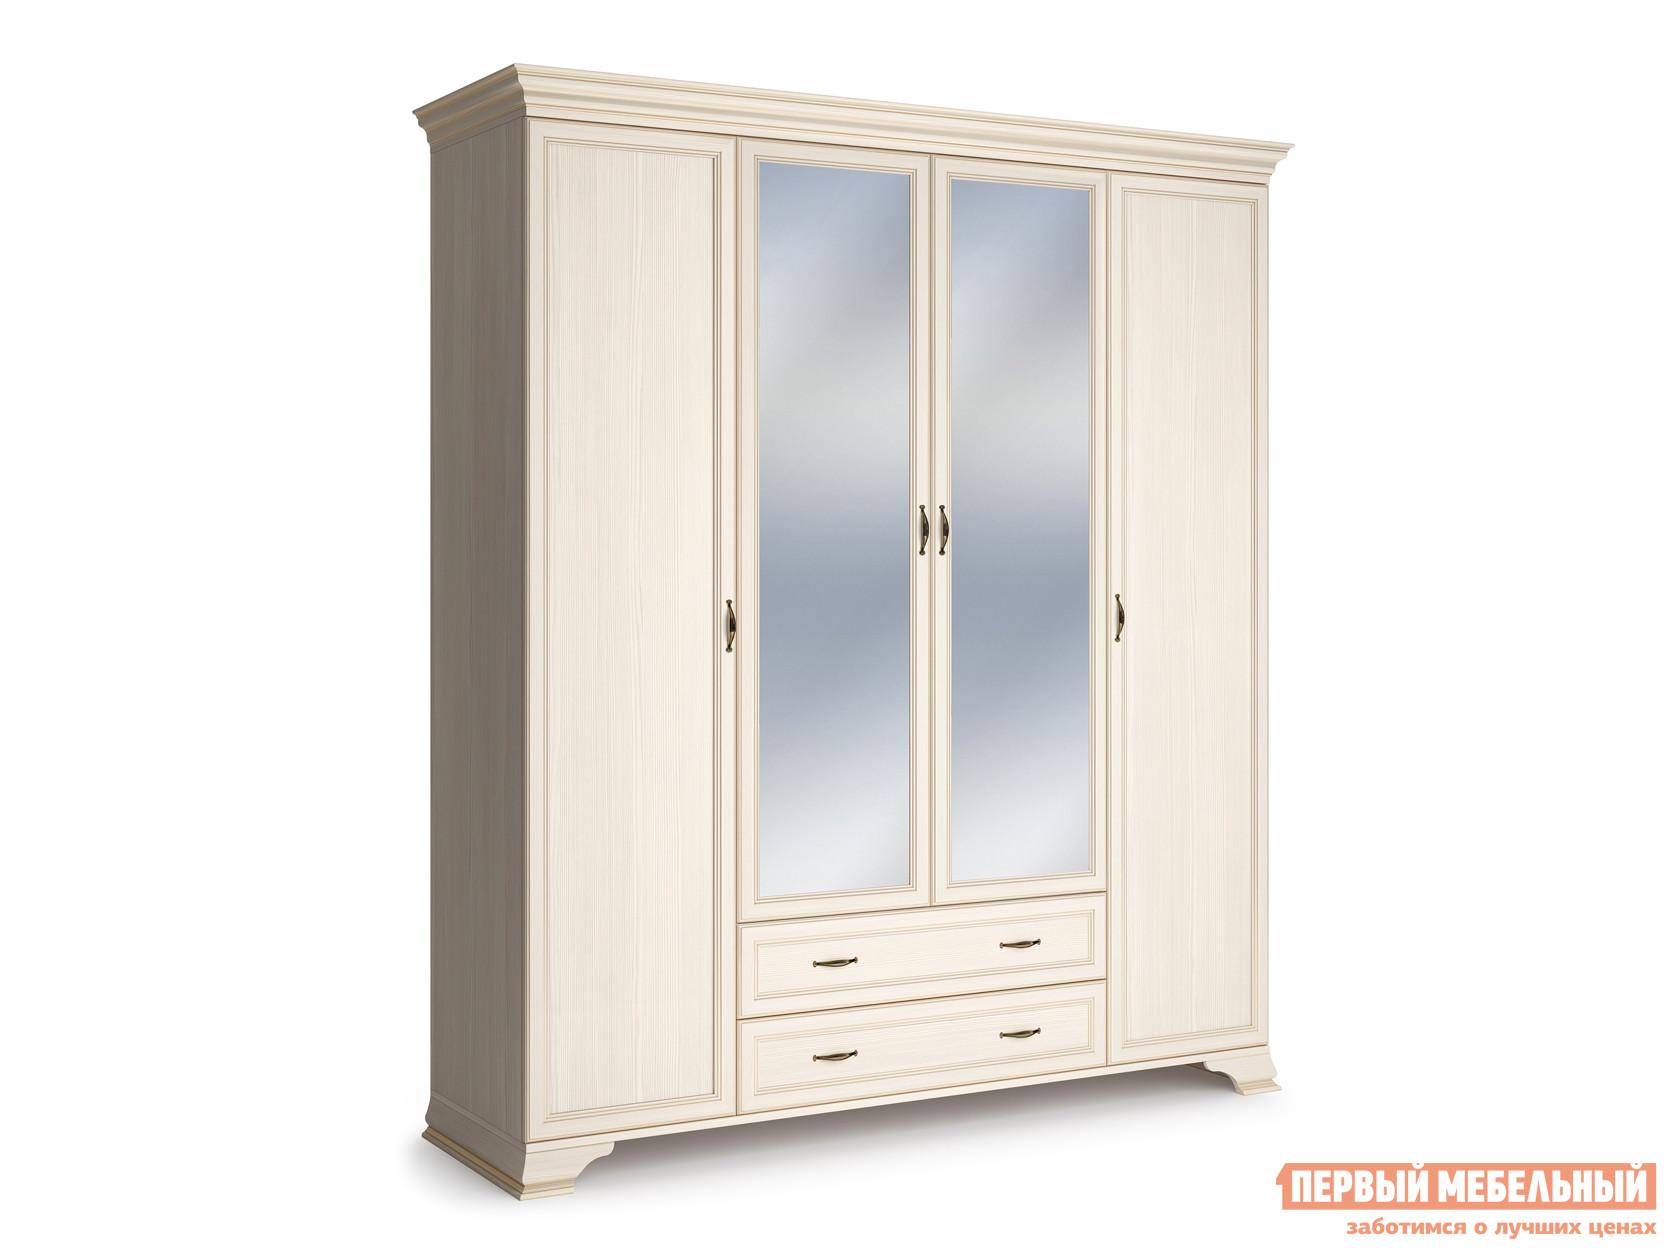 Распашной шкаф  4-х дверный Сиена Бодега белый, патина золото, С двумя зеркалами КУРАЖ 86323